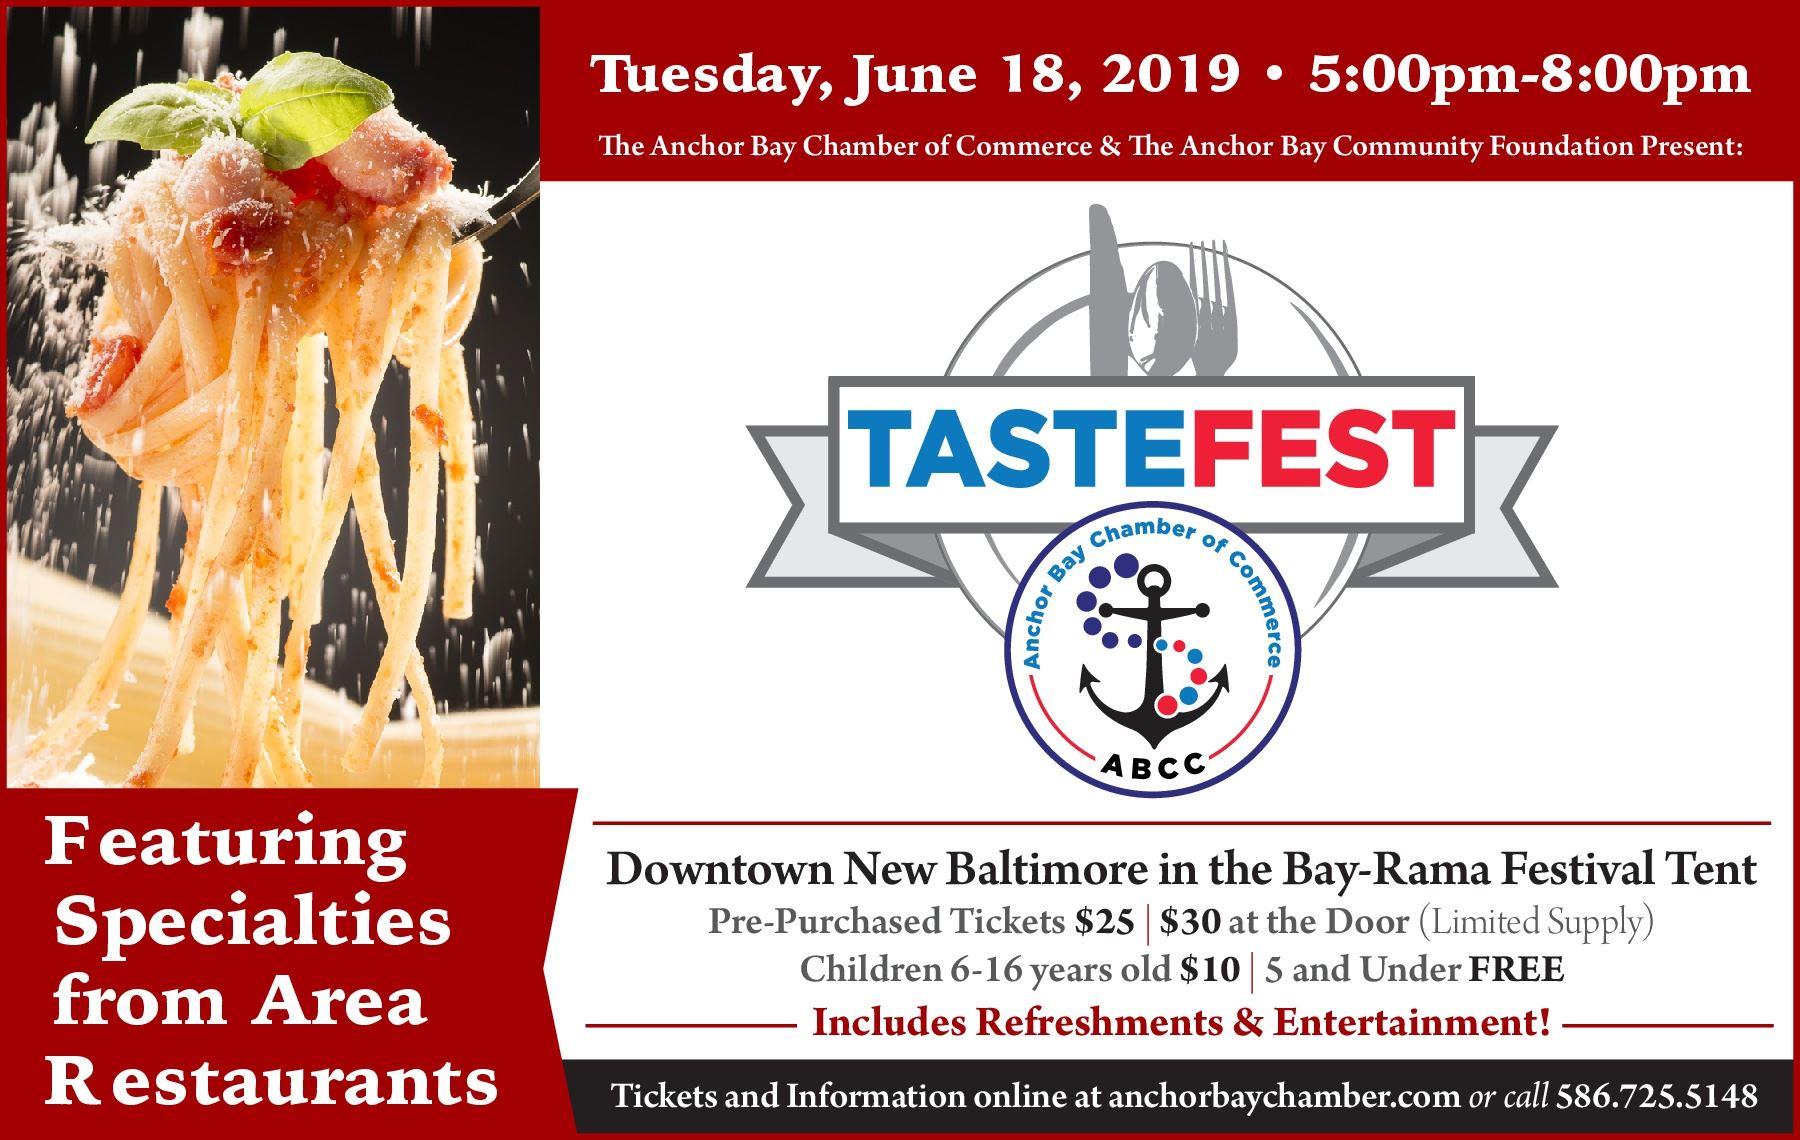 2019 Tastefest Ad.jpg